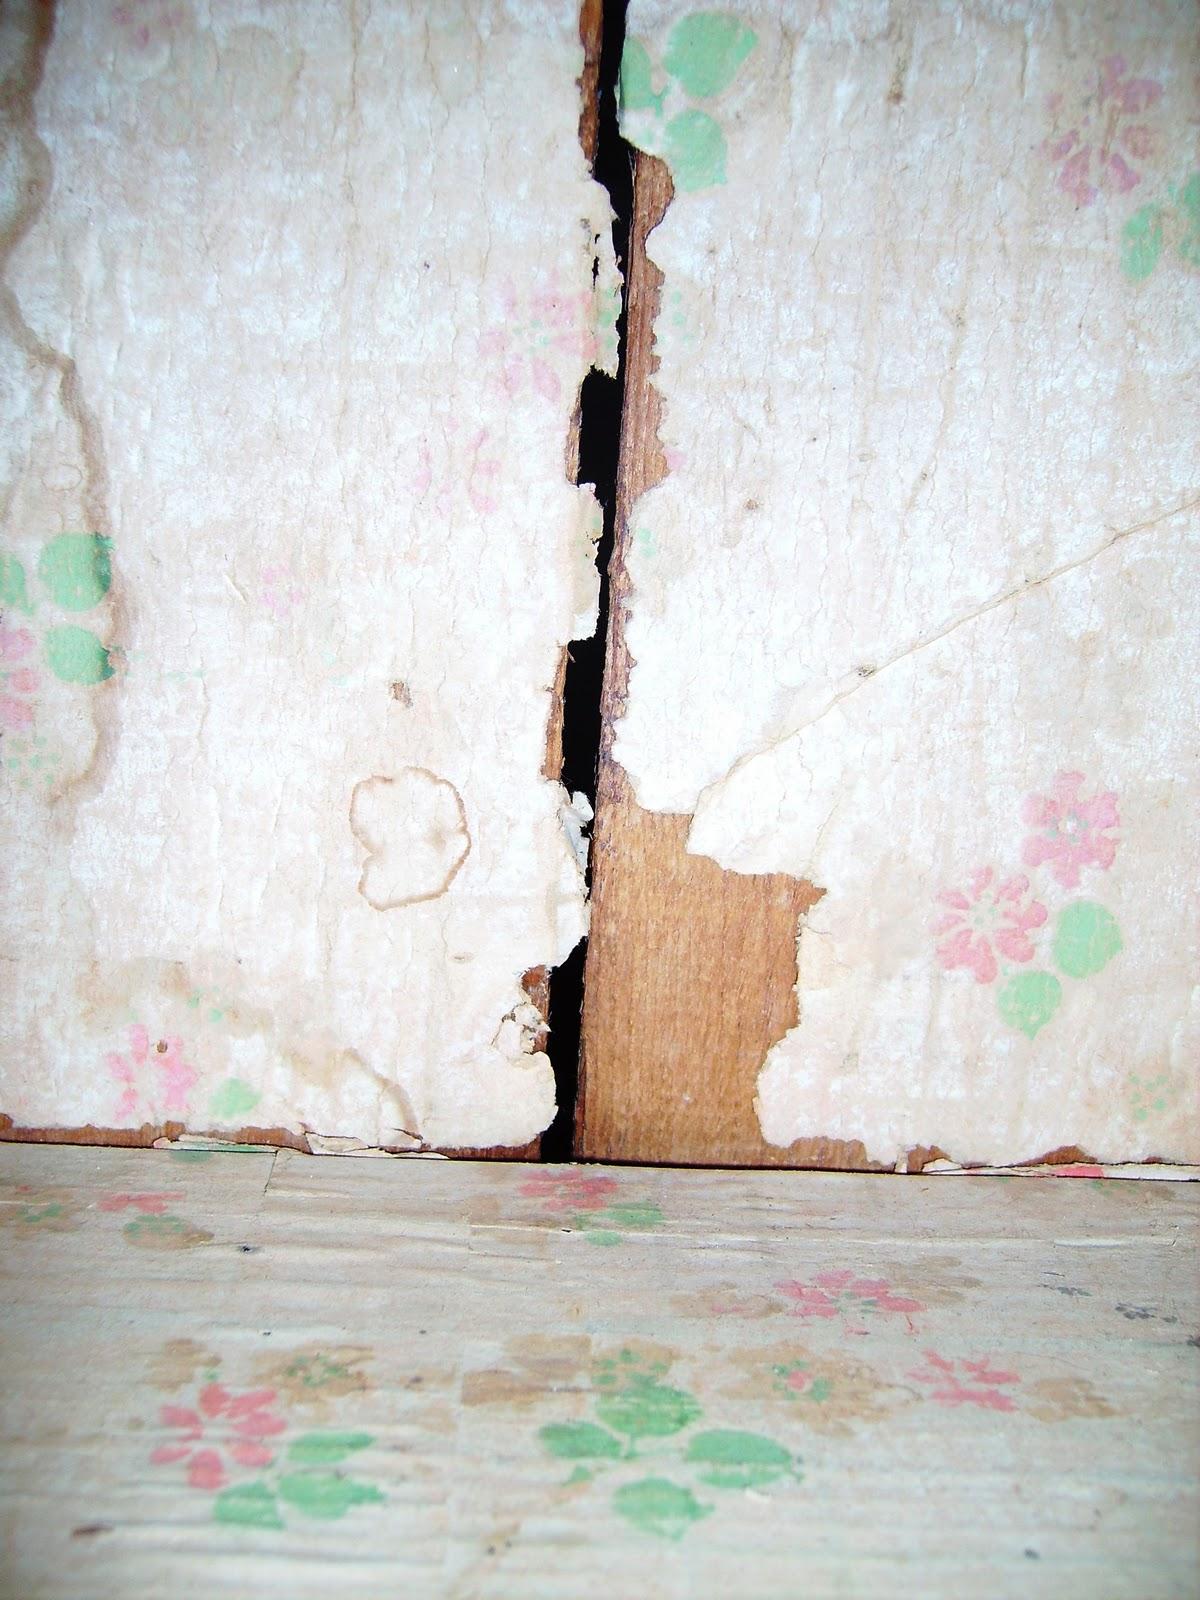 http://3.bp.blogspot.com/_Uch-s2FhDsU/TUtpFGEfRAI/AAAAAAAAAFI/Rcog88CIXFE/s1600/010.JPG